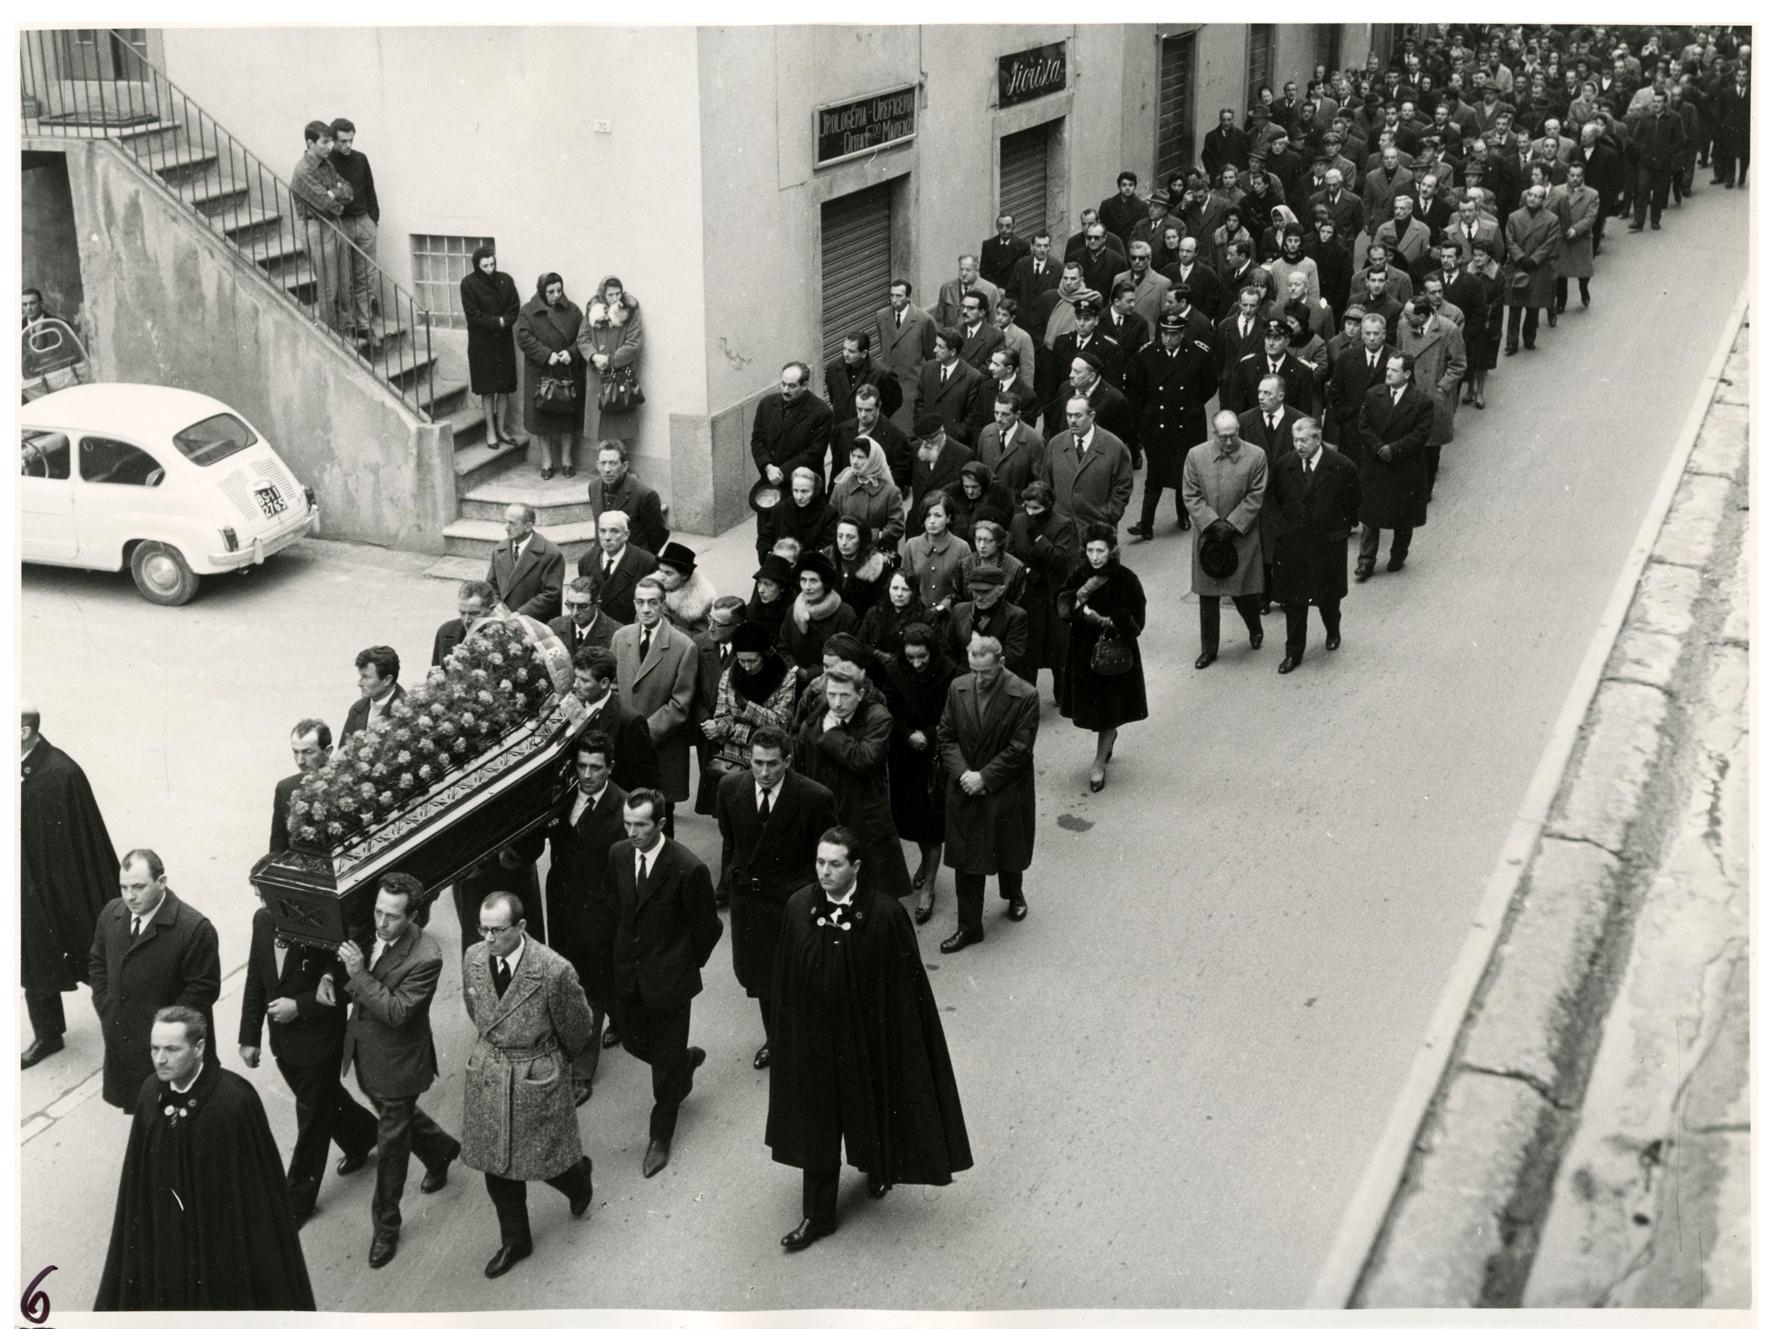 foto 6 funerale Ghslandi